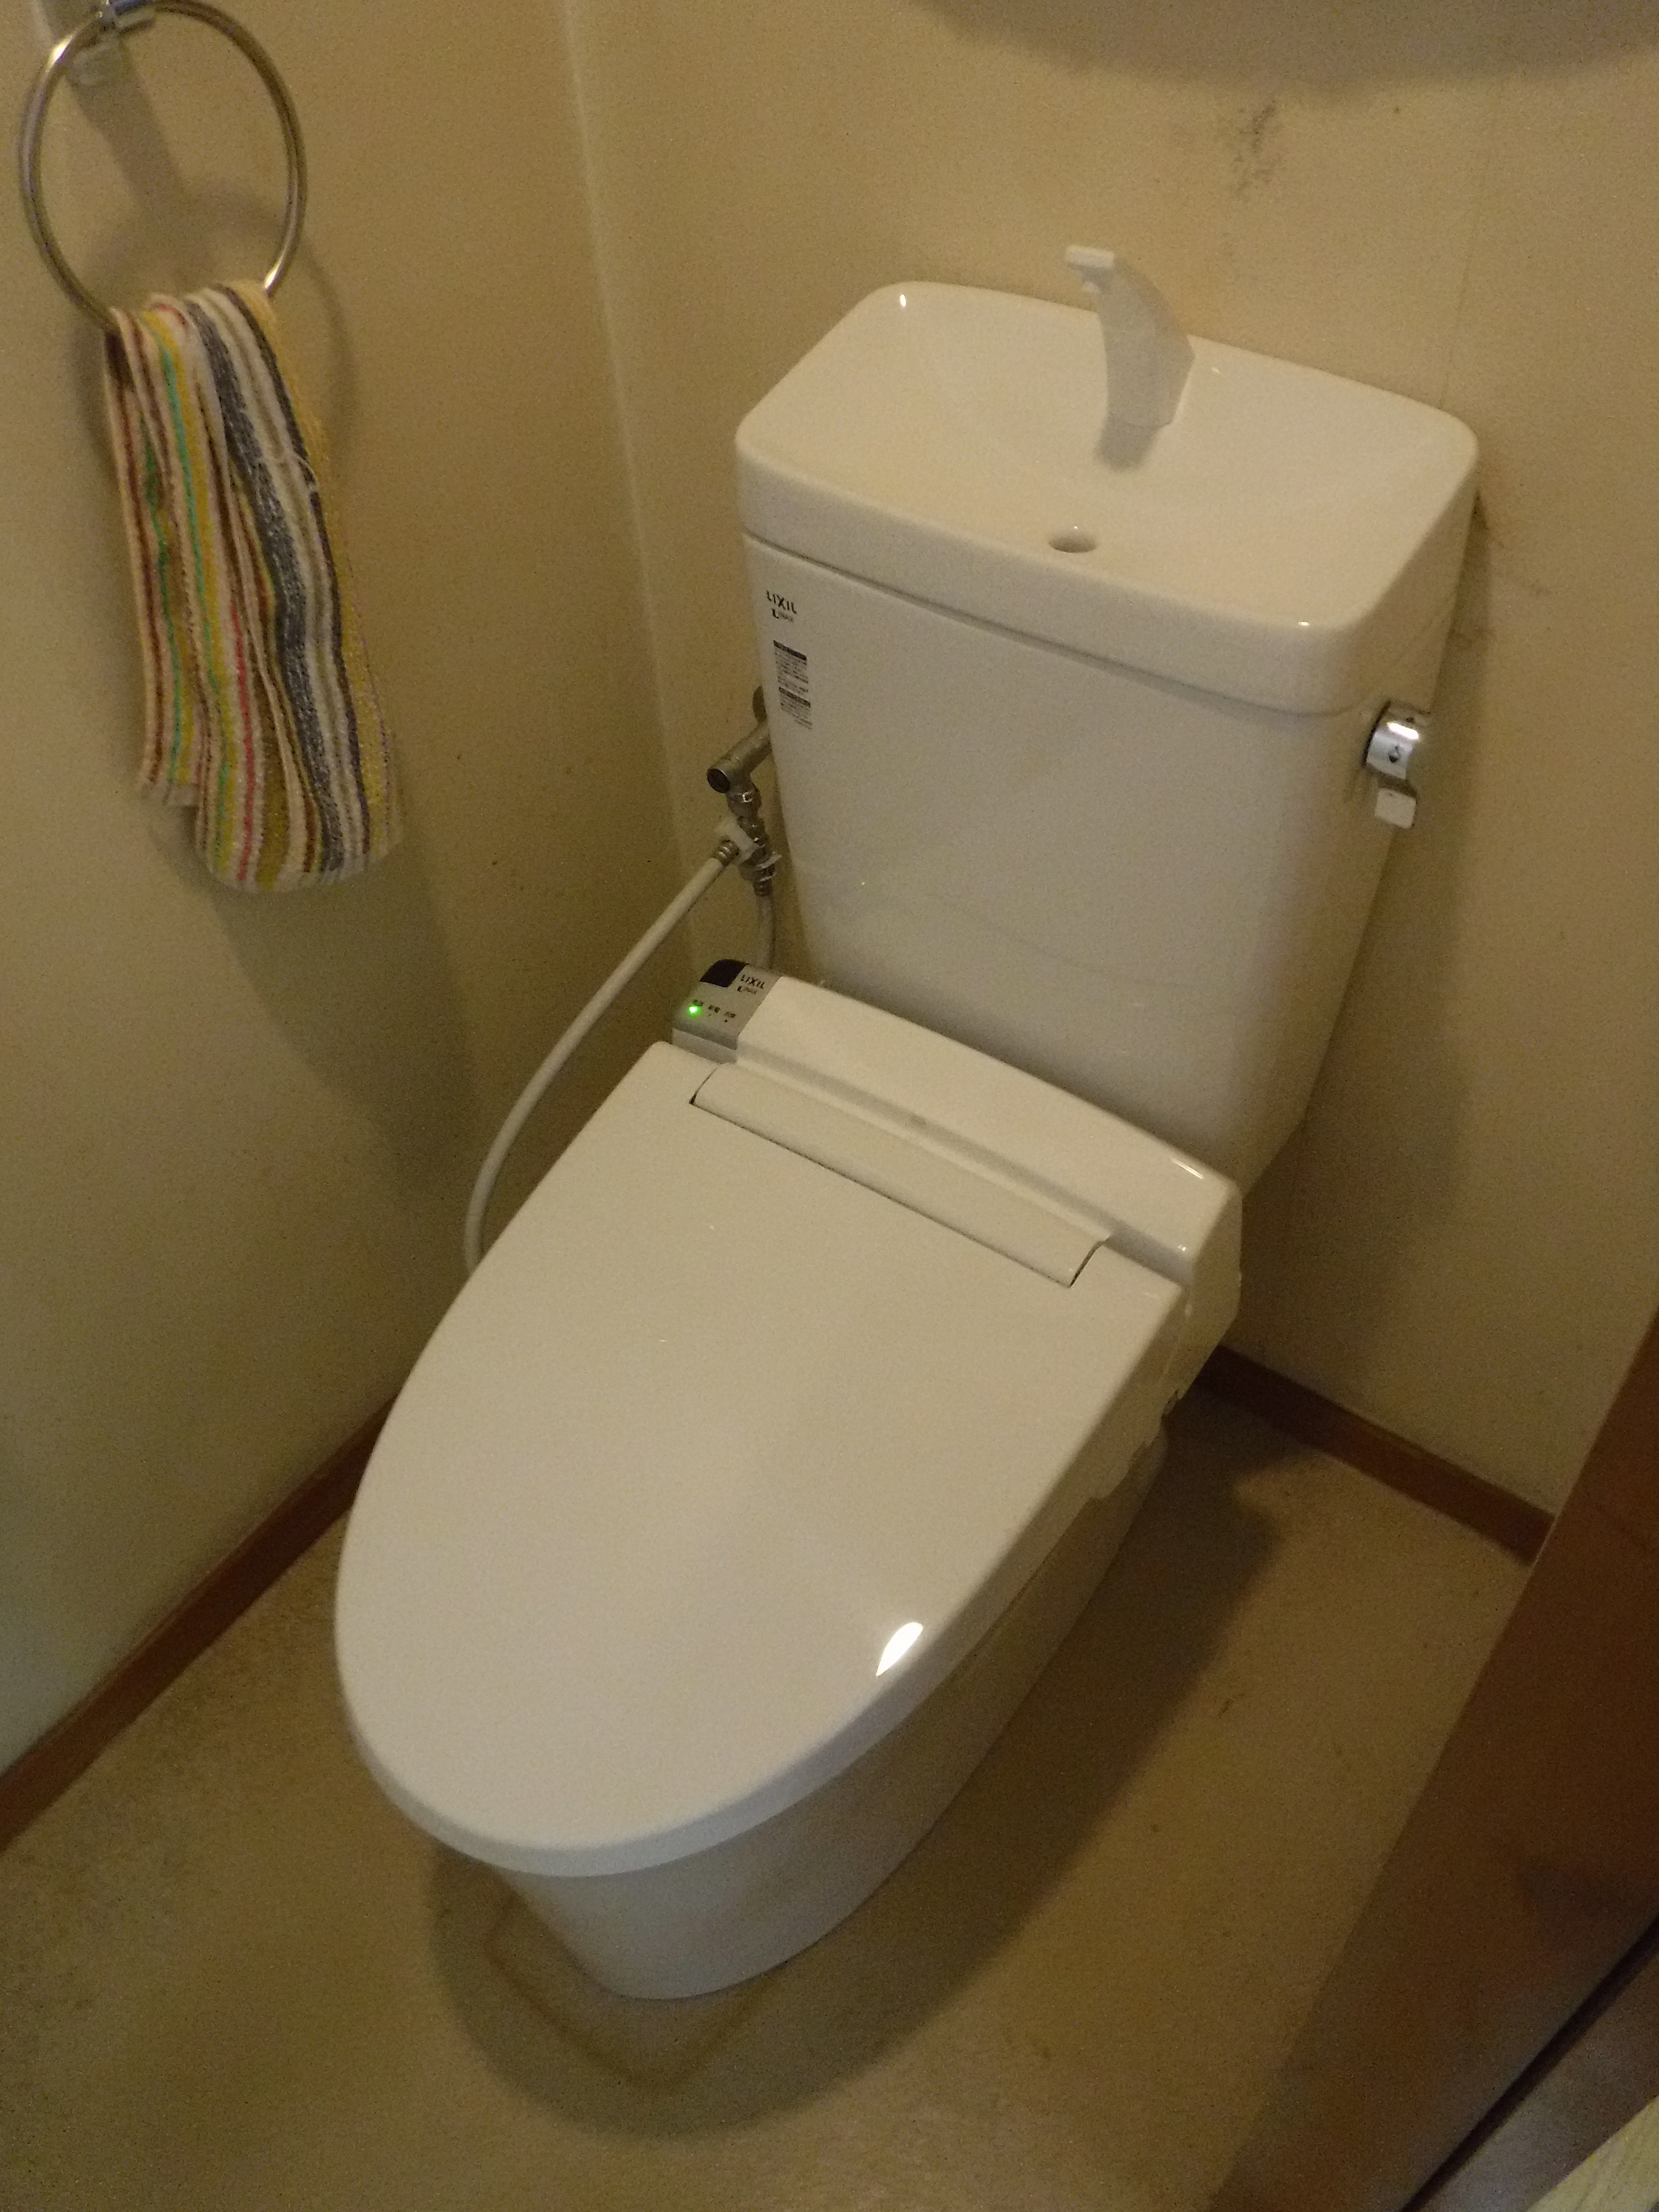 2Fのトイレ臭い・・・取替えてください。